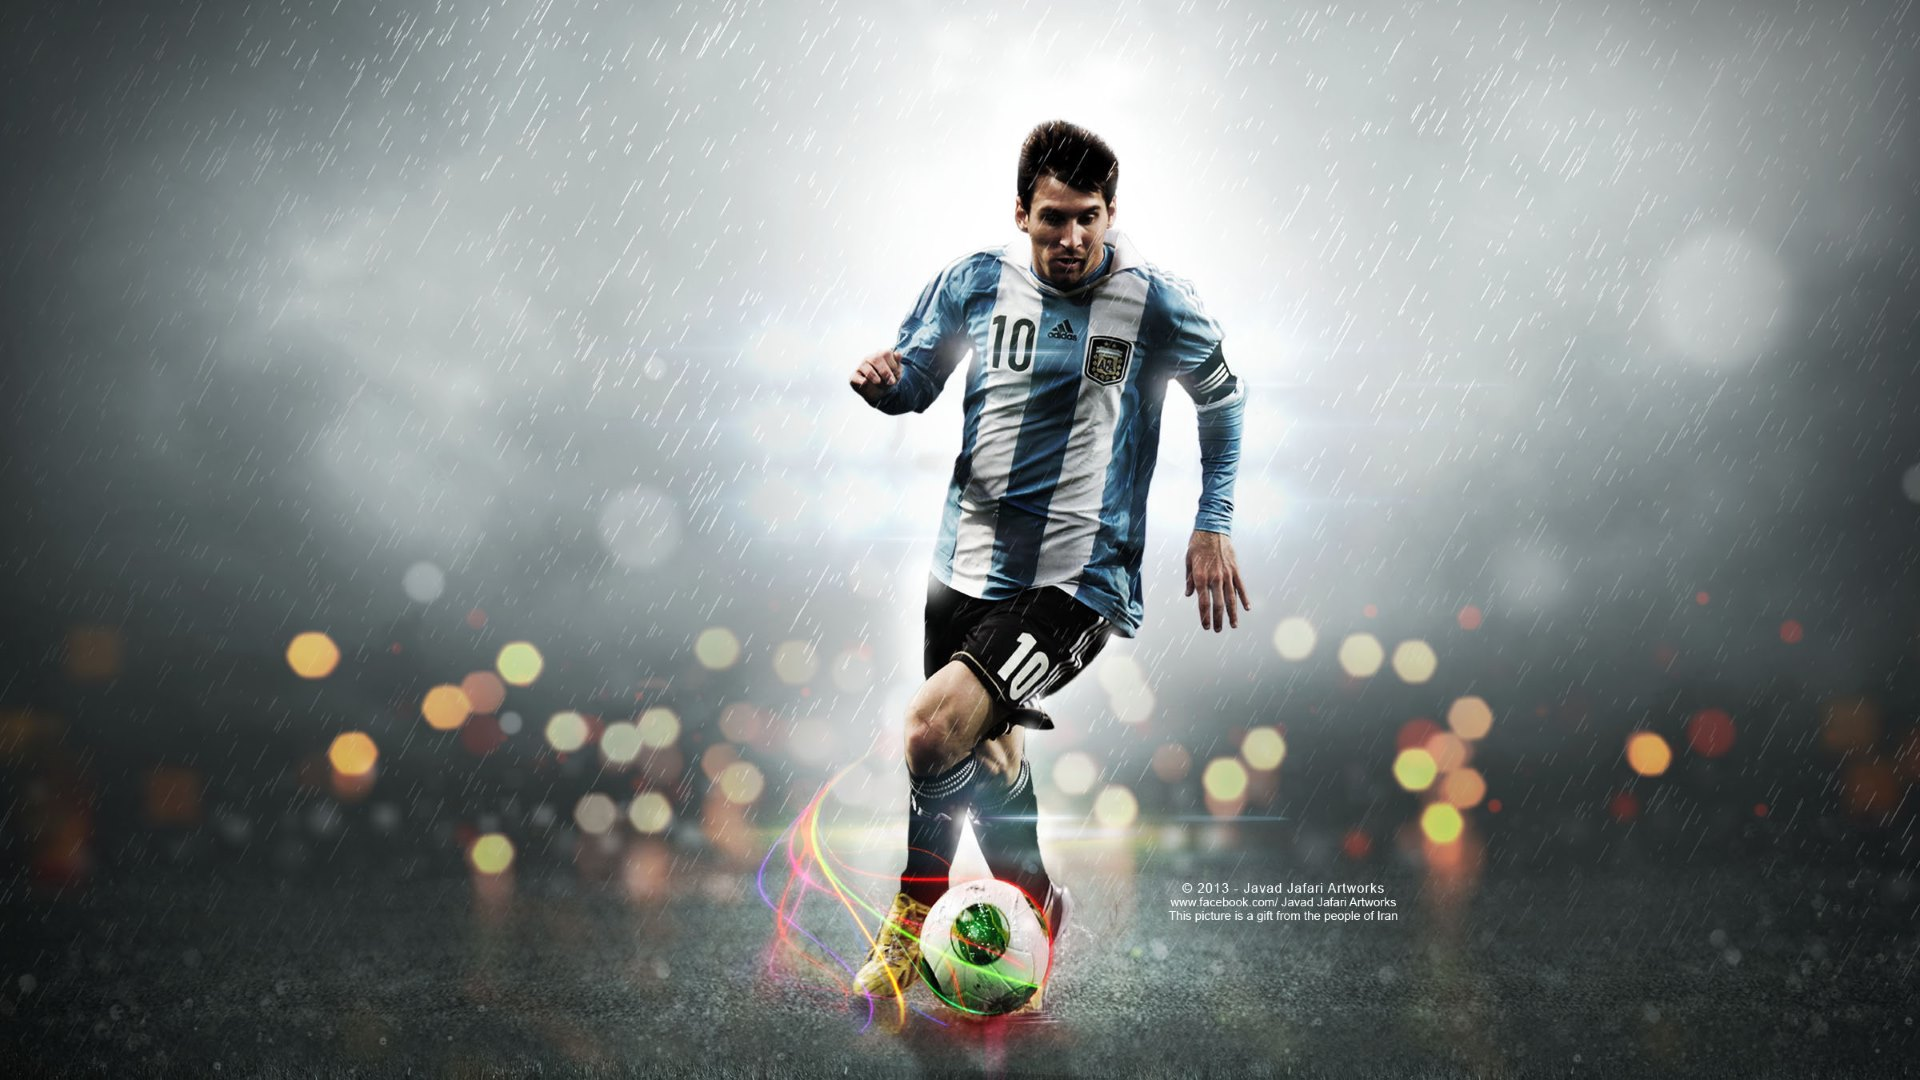 play ball HD messi image